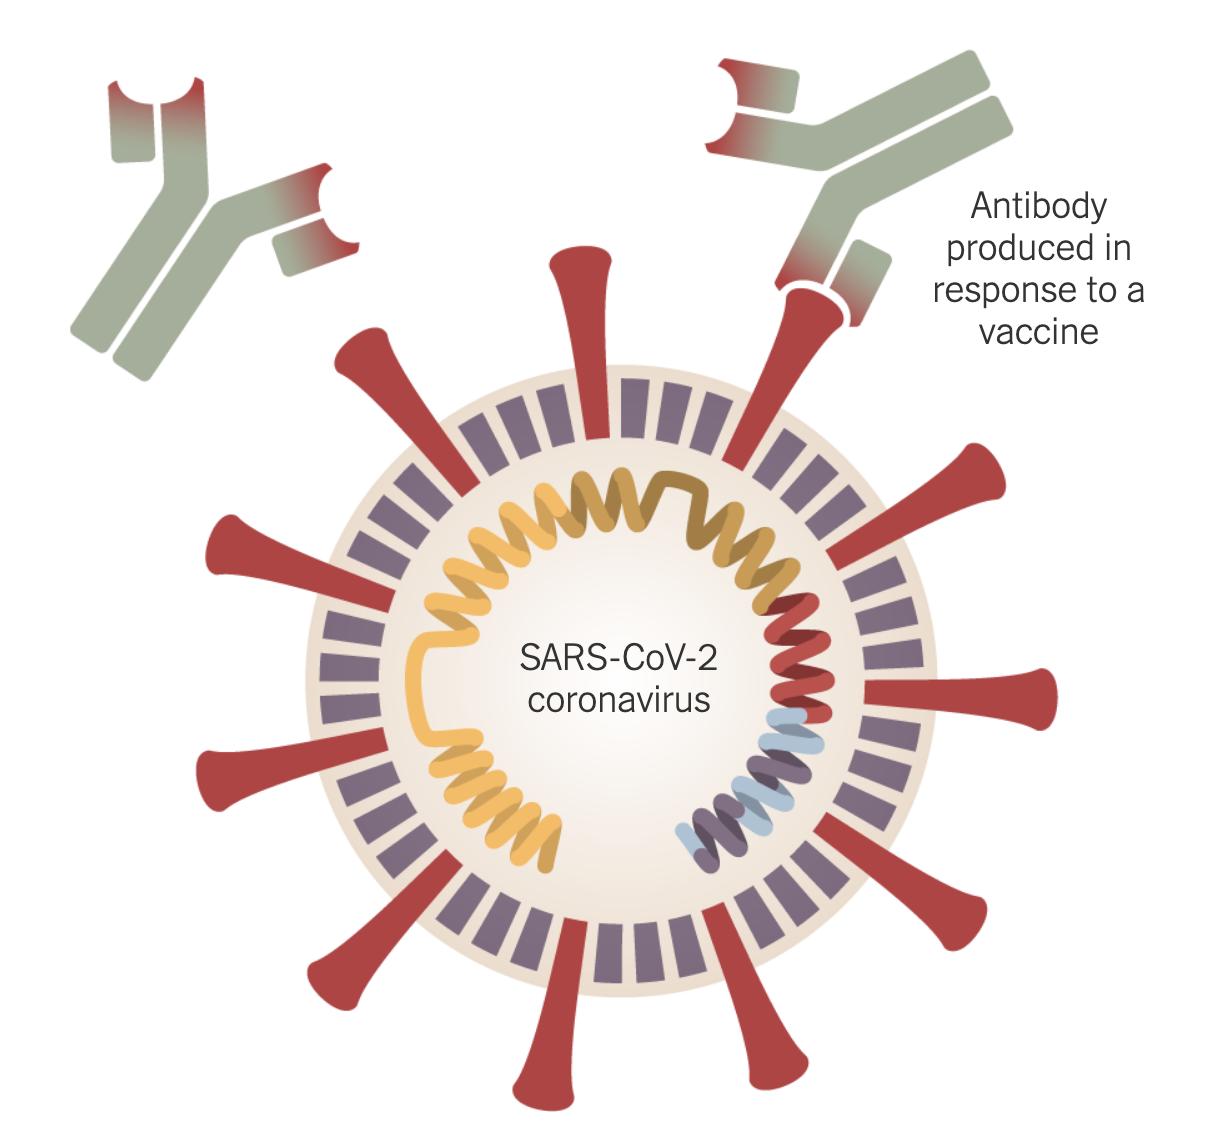 世界各国开发疫苗预防病毒情况纵览_图1-2